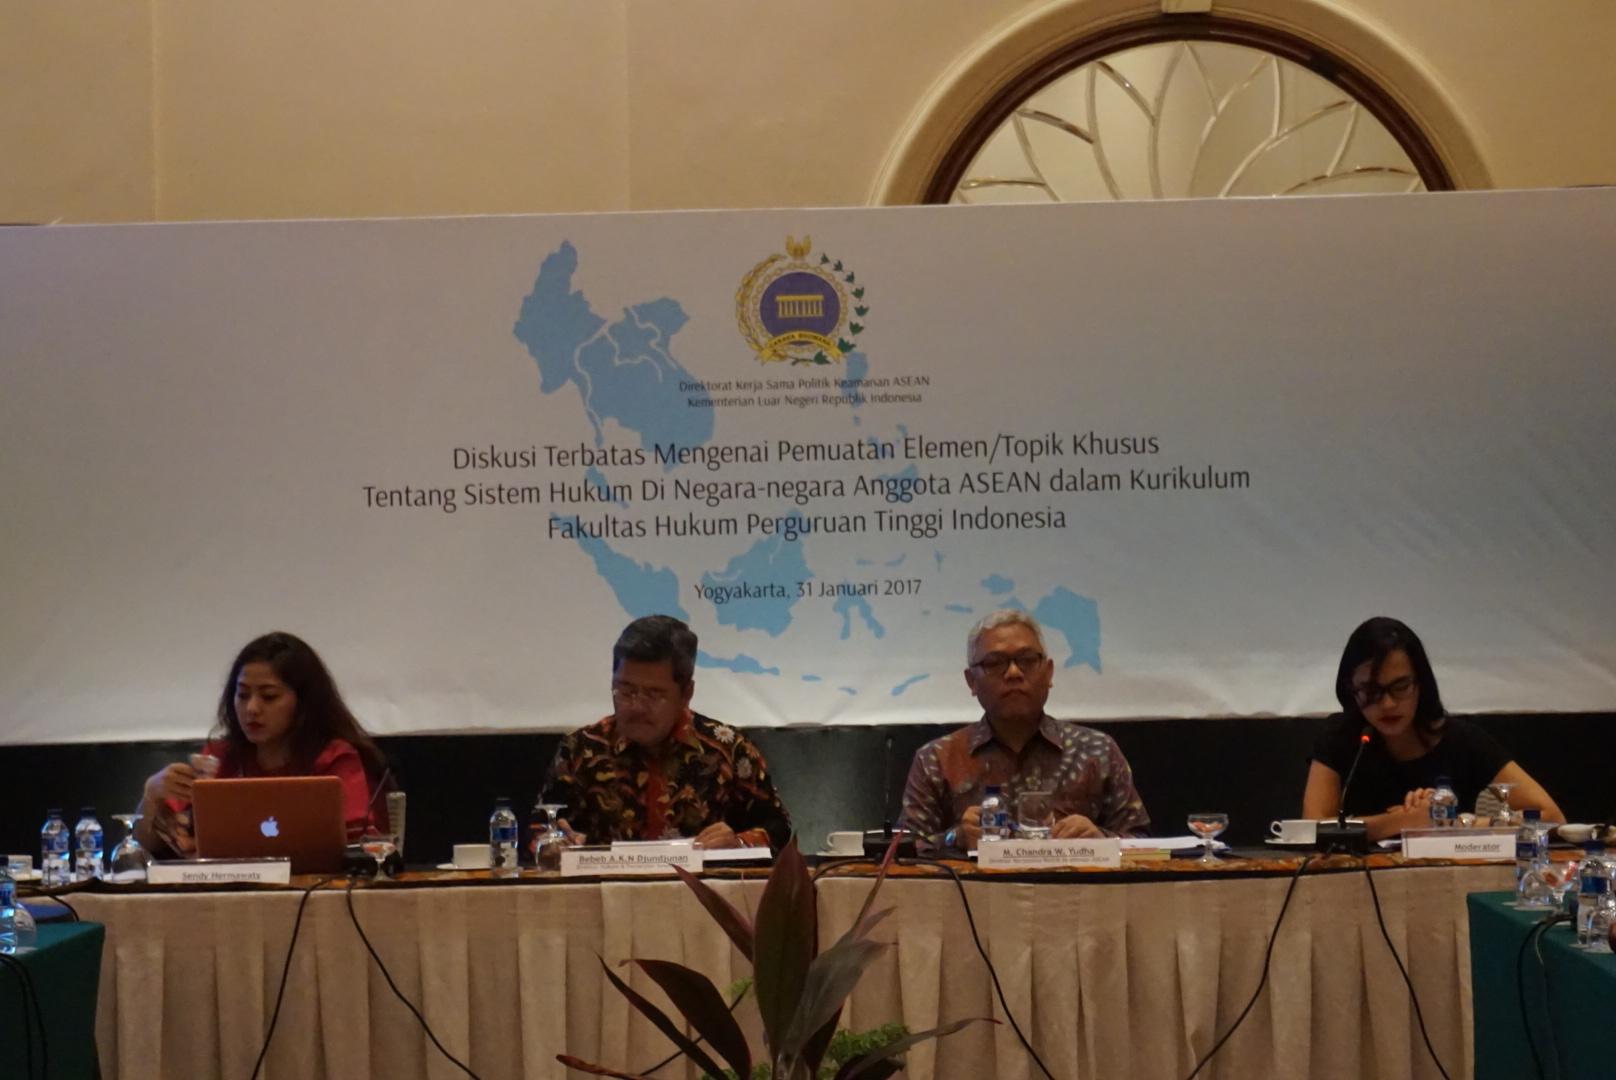 Kemlu: Kompetensi Penting Bagi Sarjana Hukum di Era Masyarakat ASEAN